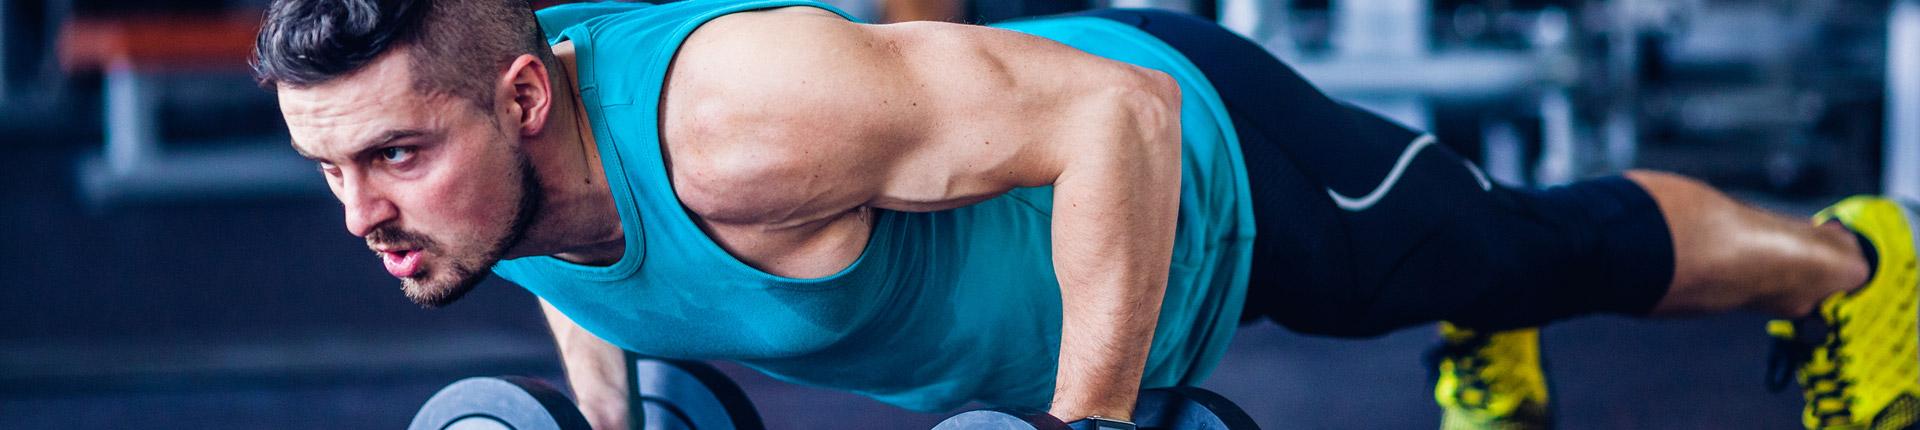 Resweratrol - wspomaga budowę mięśni. Poznaj działanie i dawkowanie